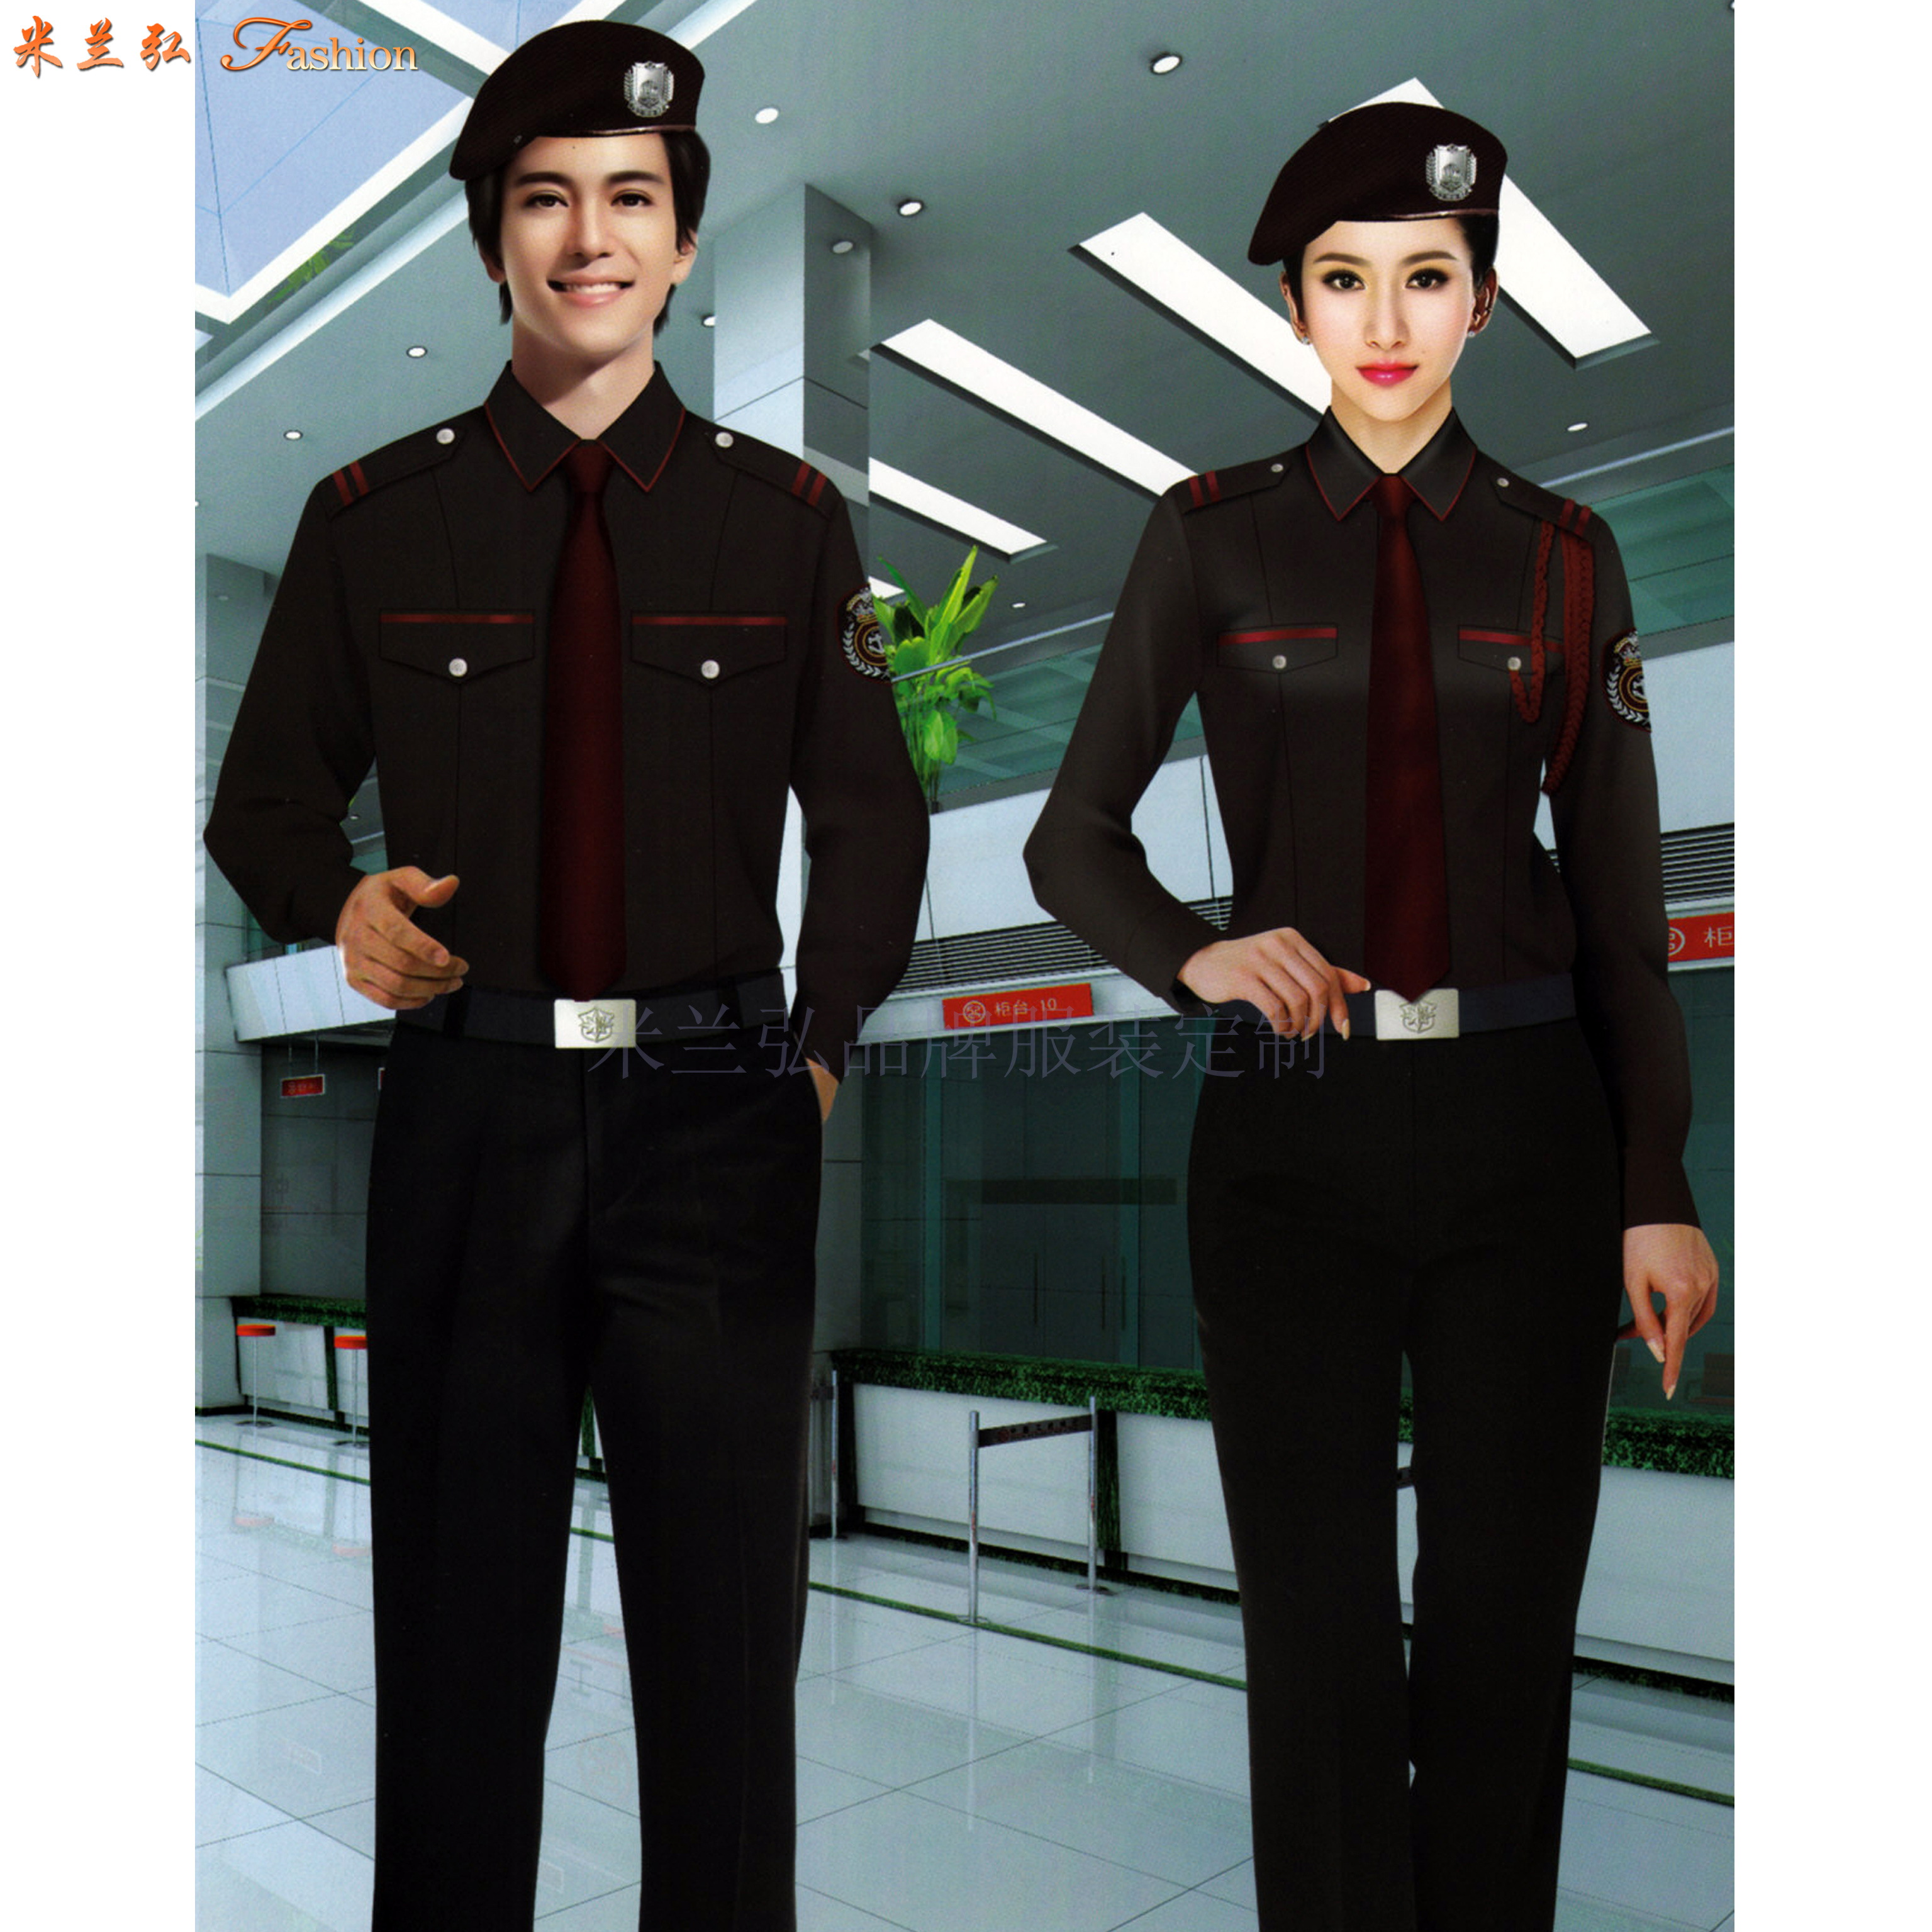 物業保安工作服訂做-物業安保部制服定做-米蘭弘廠家-1